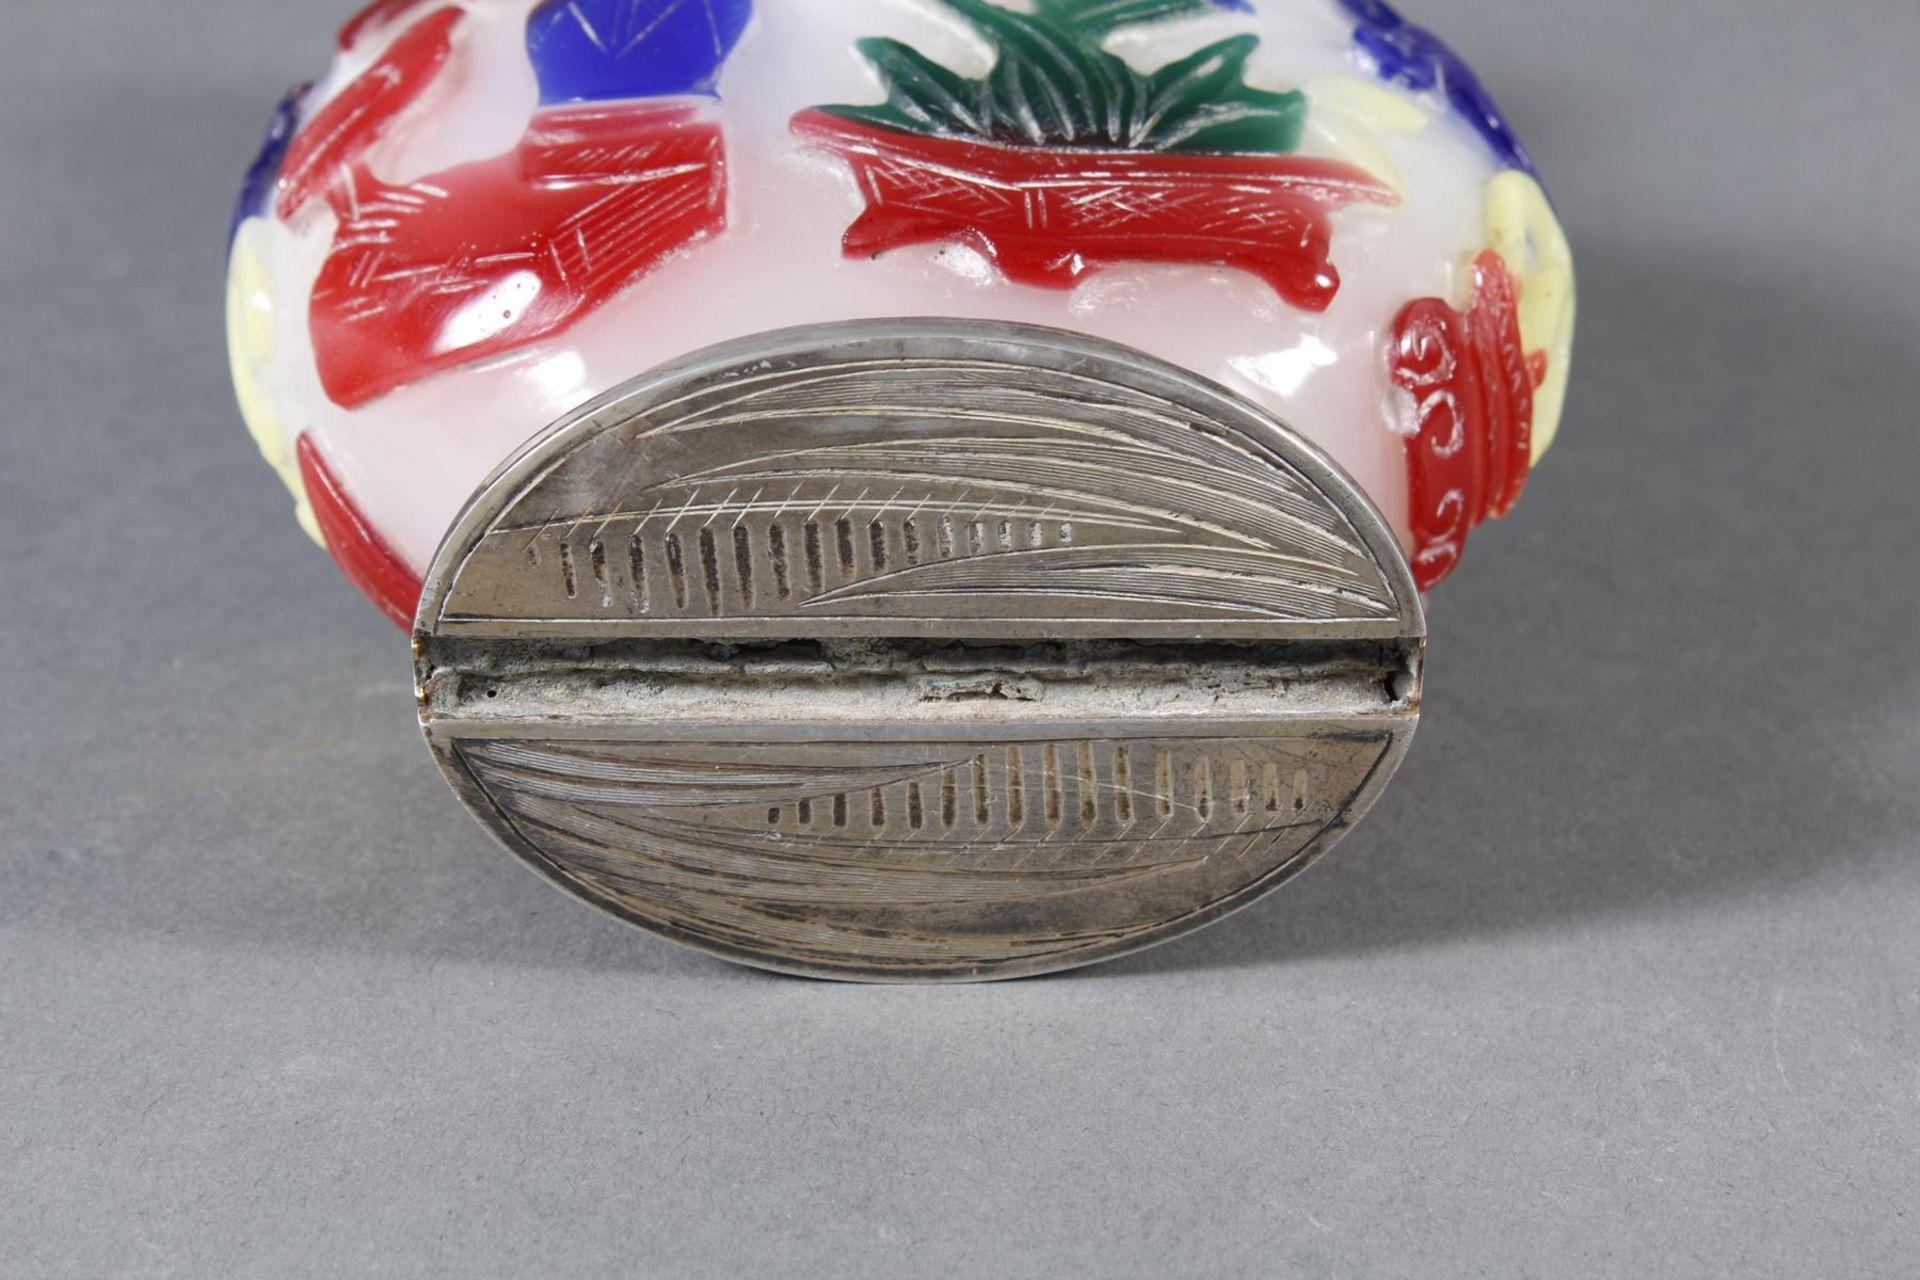 Snuff bottle, Überfangglas mit Silbermontur, China Anfang 20. Jahrhundert - Bild 12 aus 12